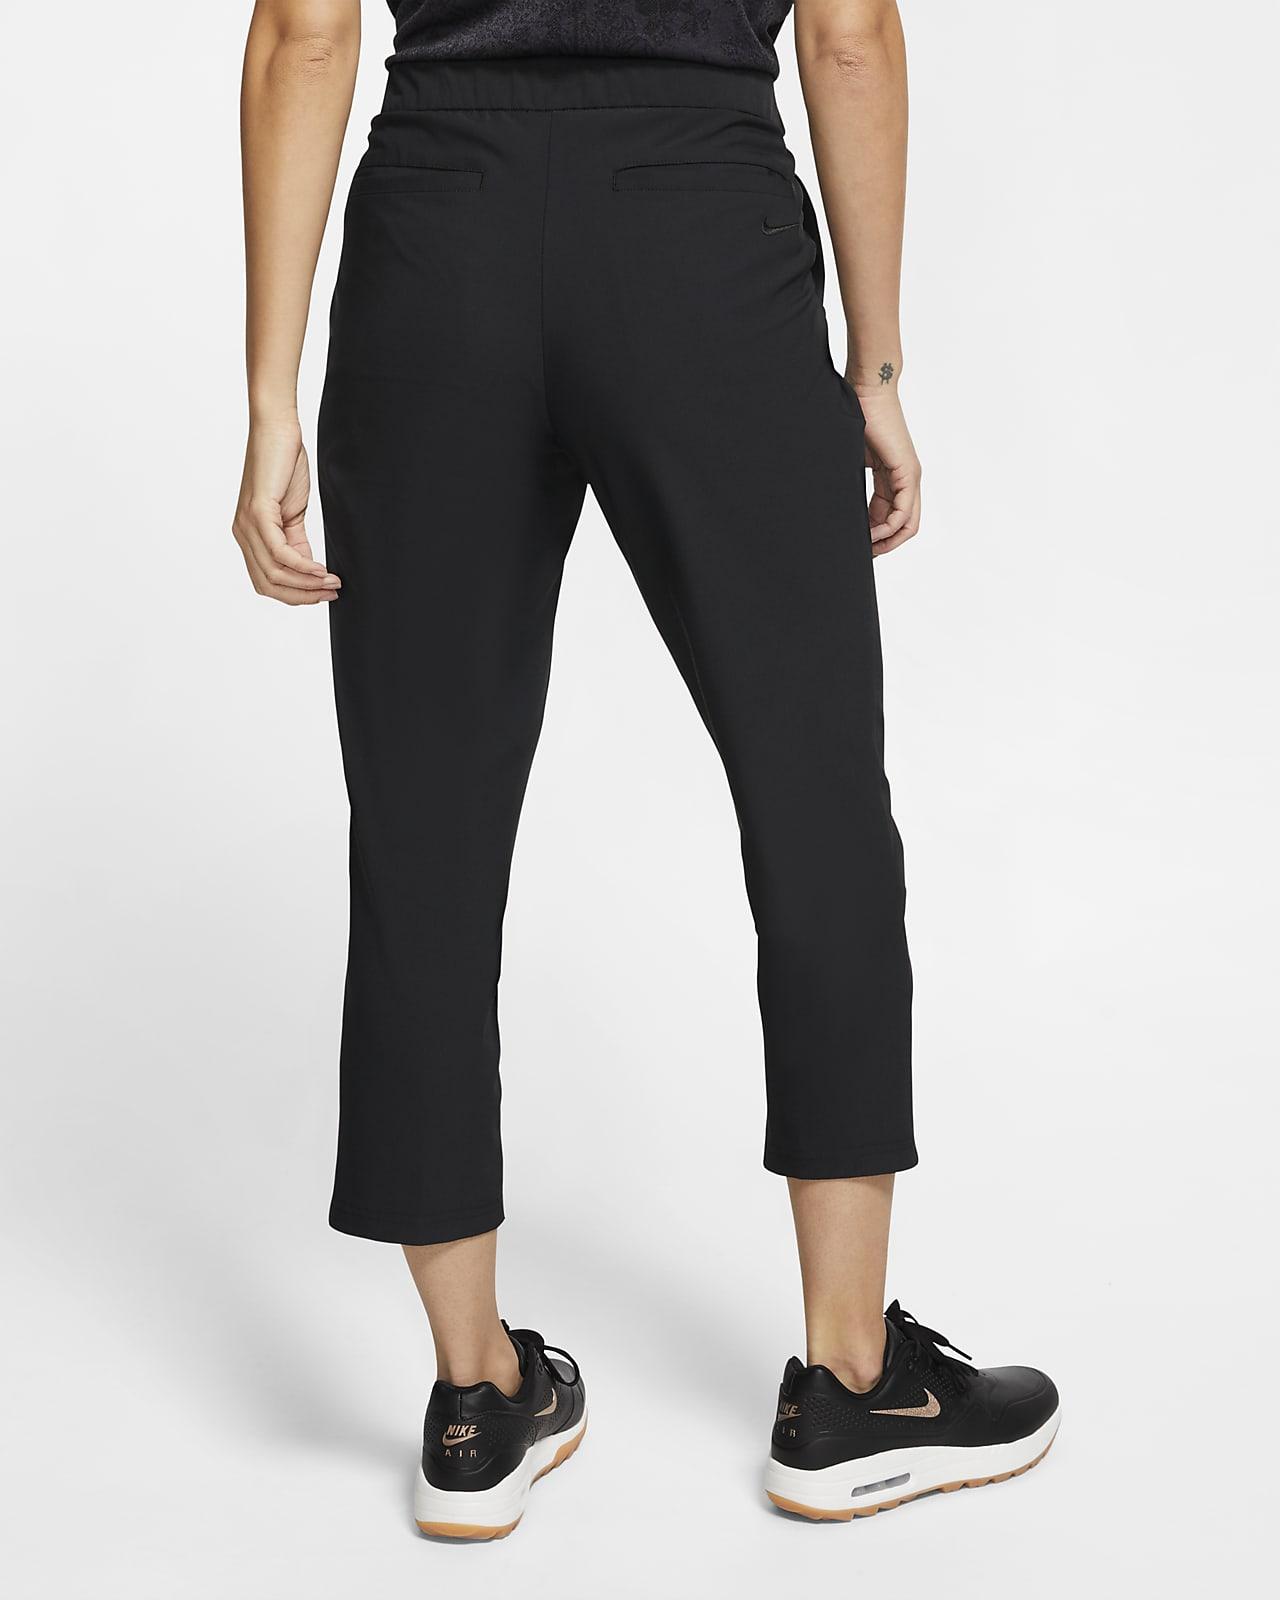 Pantalones De Golf De 3 4 Para Mujer Nike Flex Uv Victory Nike Com